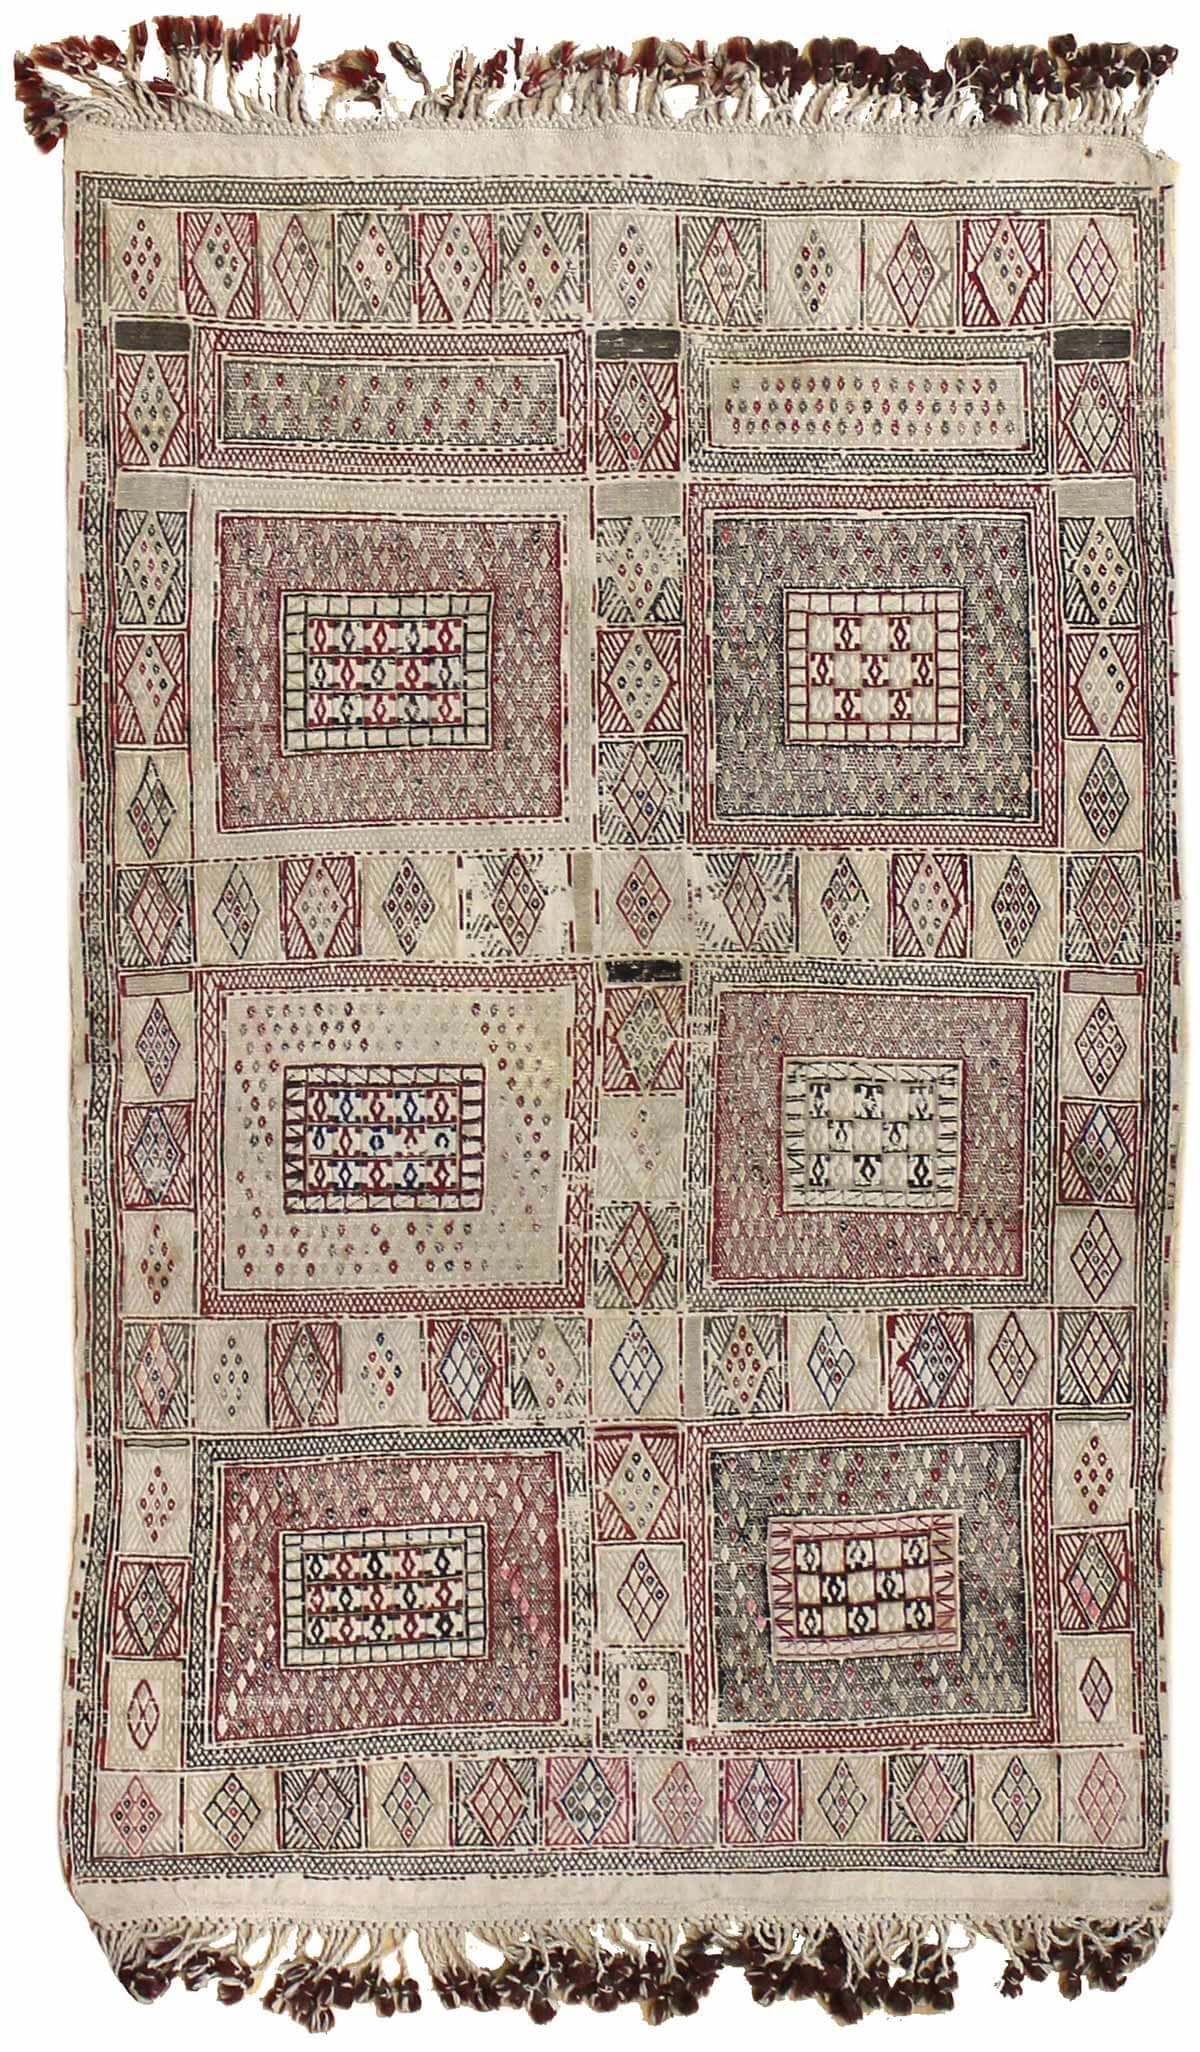 Jf6434 Antique Moroccan Kilim Rug 1920w